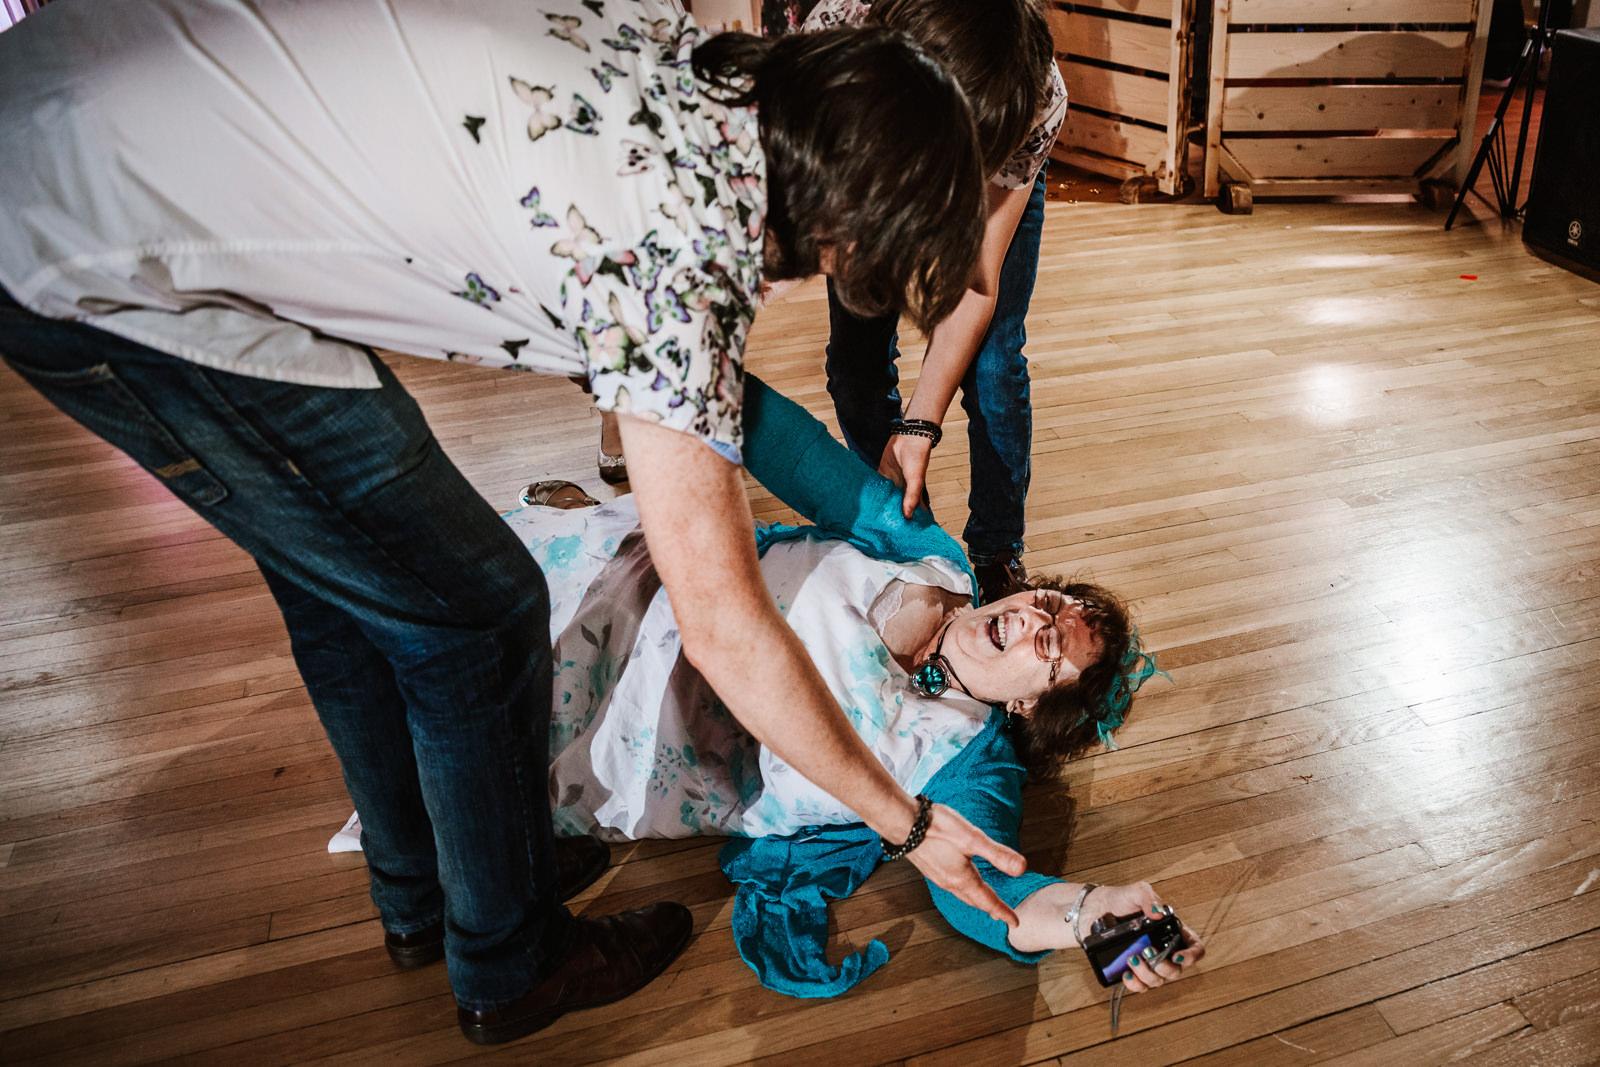 Woman falls dancing